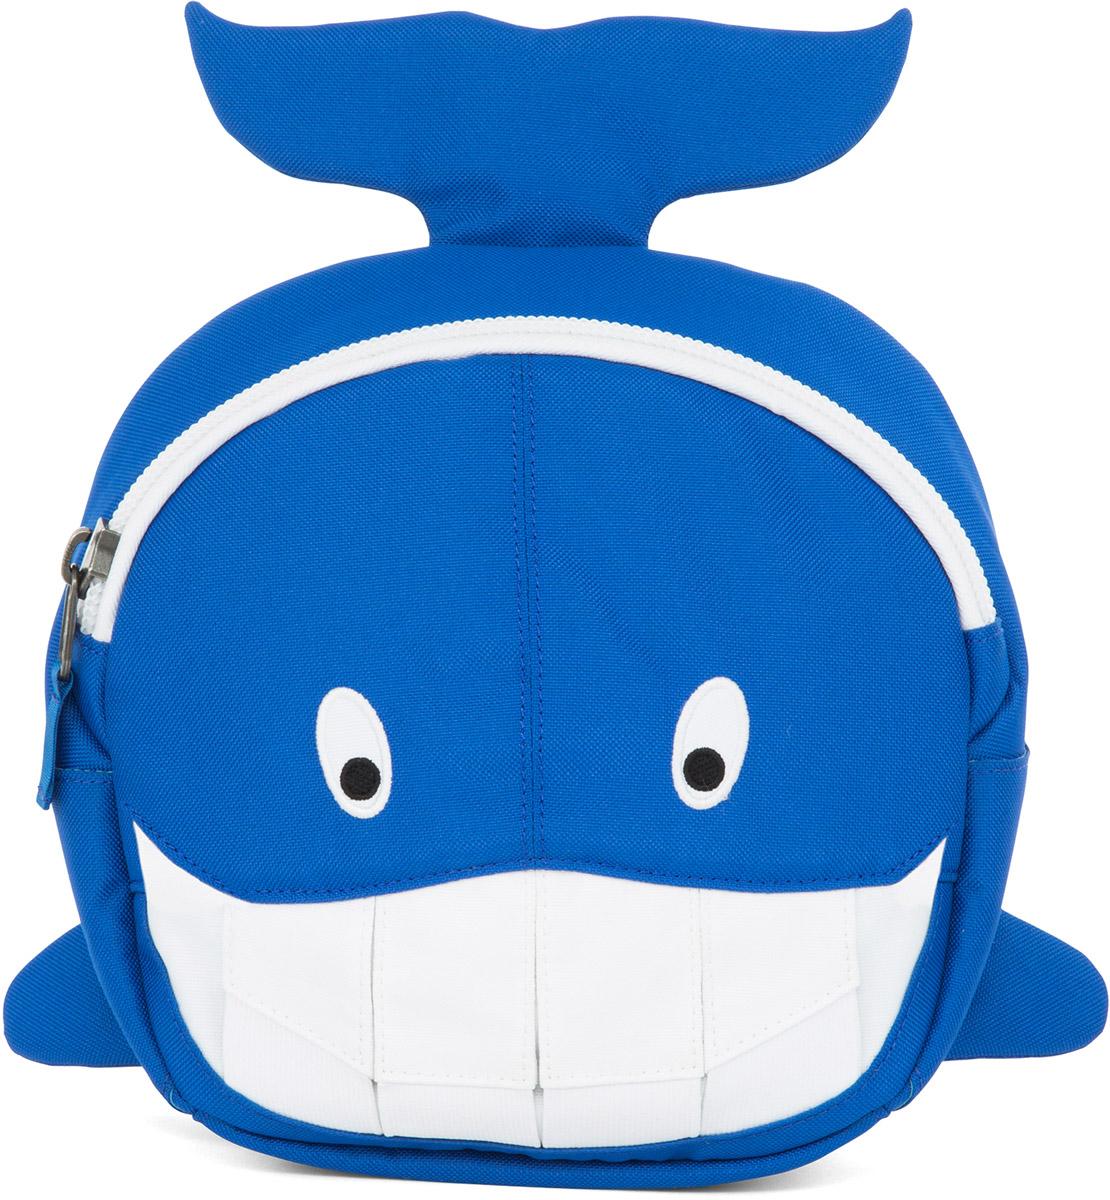 Affenzahn Рюкзак дошкольный Willi WhaleAFZ-FAS-002-015Рюкзак дошкольный Affenzahn Willi Whale, выполненный из прочного материала с дышащей спинкой, предназначен для детей раннего возраста.Предусмотрена возможность регулировки лямочной системы, в частности, нагрудного ремня по высоте. Рюкзак включает в себя вместительное внутреннее отделение с карманом на резинке, которое закрывается на застежку-молнию. На ярлыке внутри отделения можно написать имя ребенка.Рюкзак оснащен ручкой для переноски и светоотражающими элементами на внешней стороне, повышающими безопасность на улице.